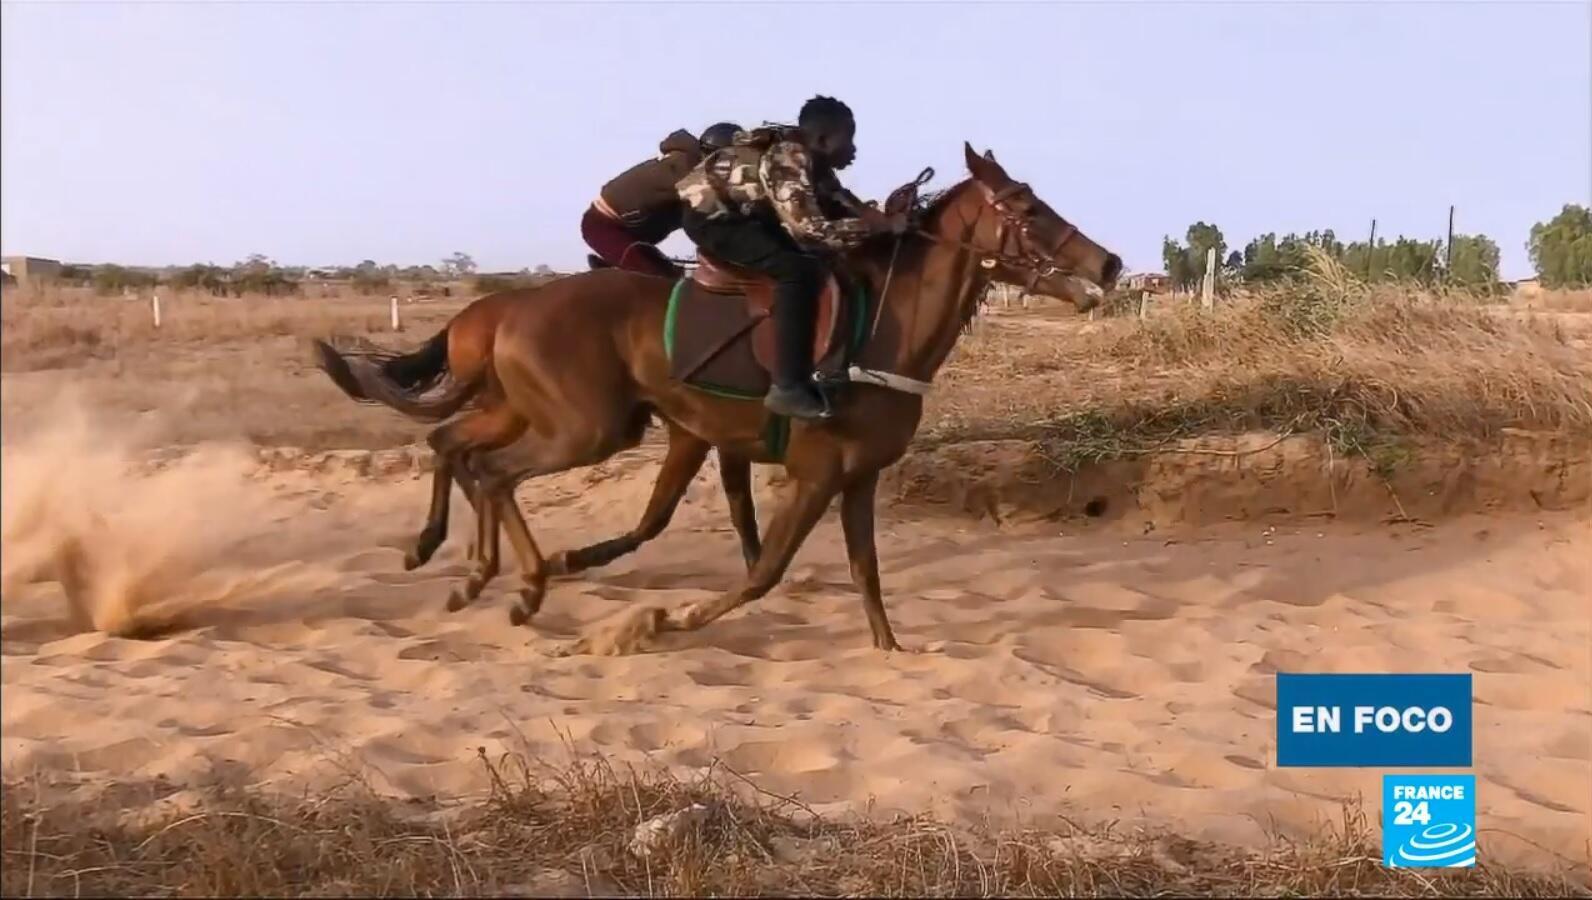 en foco - carreras caballos Senegal